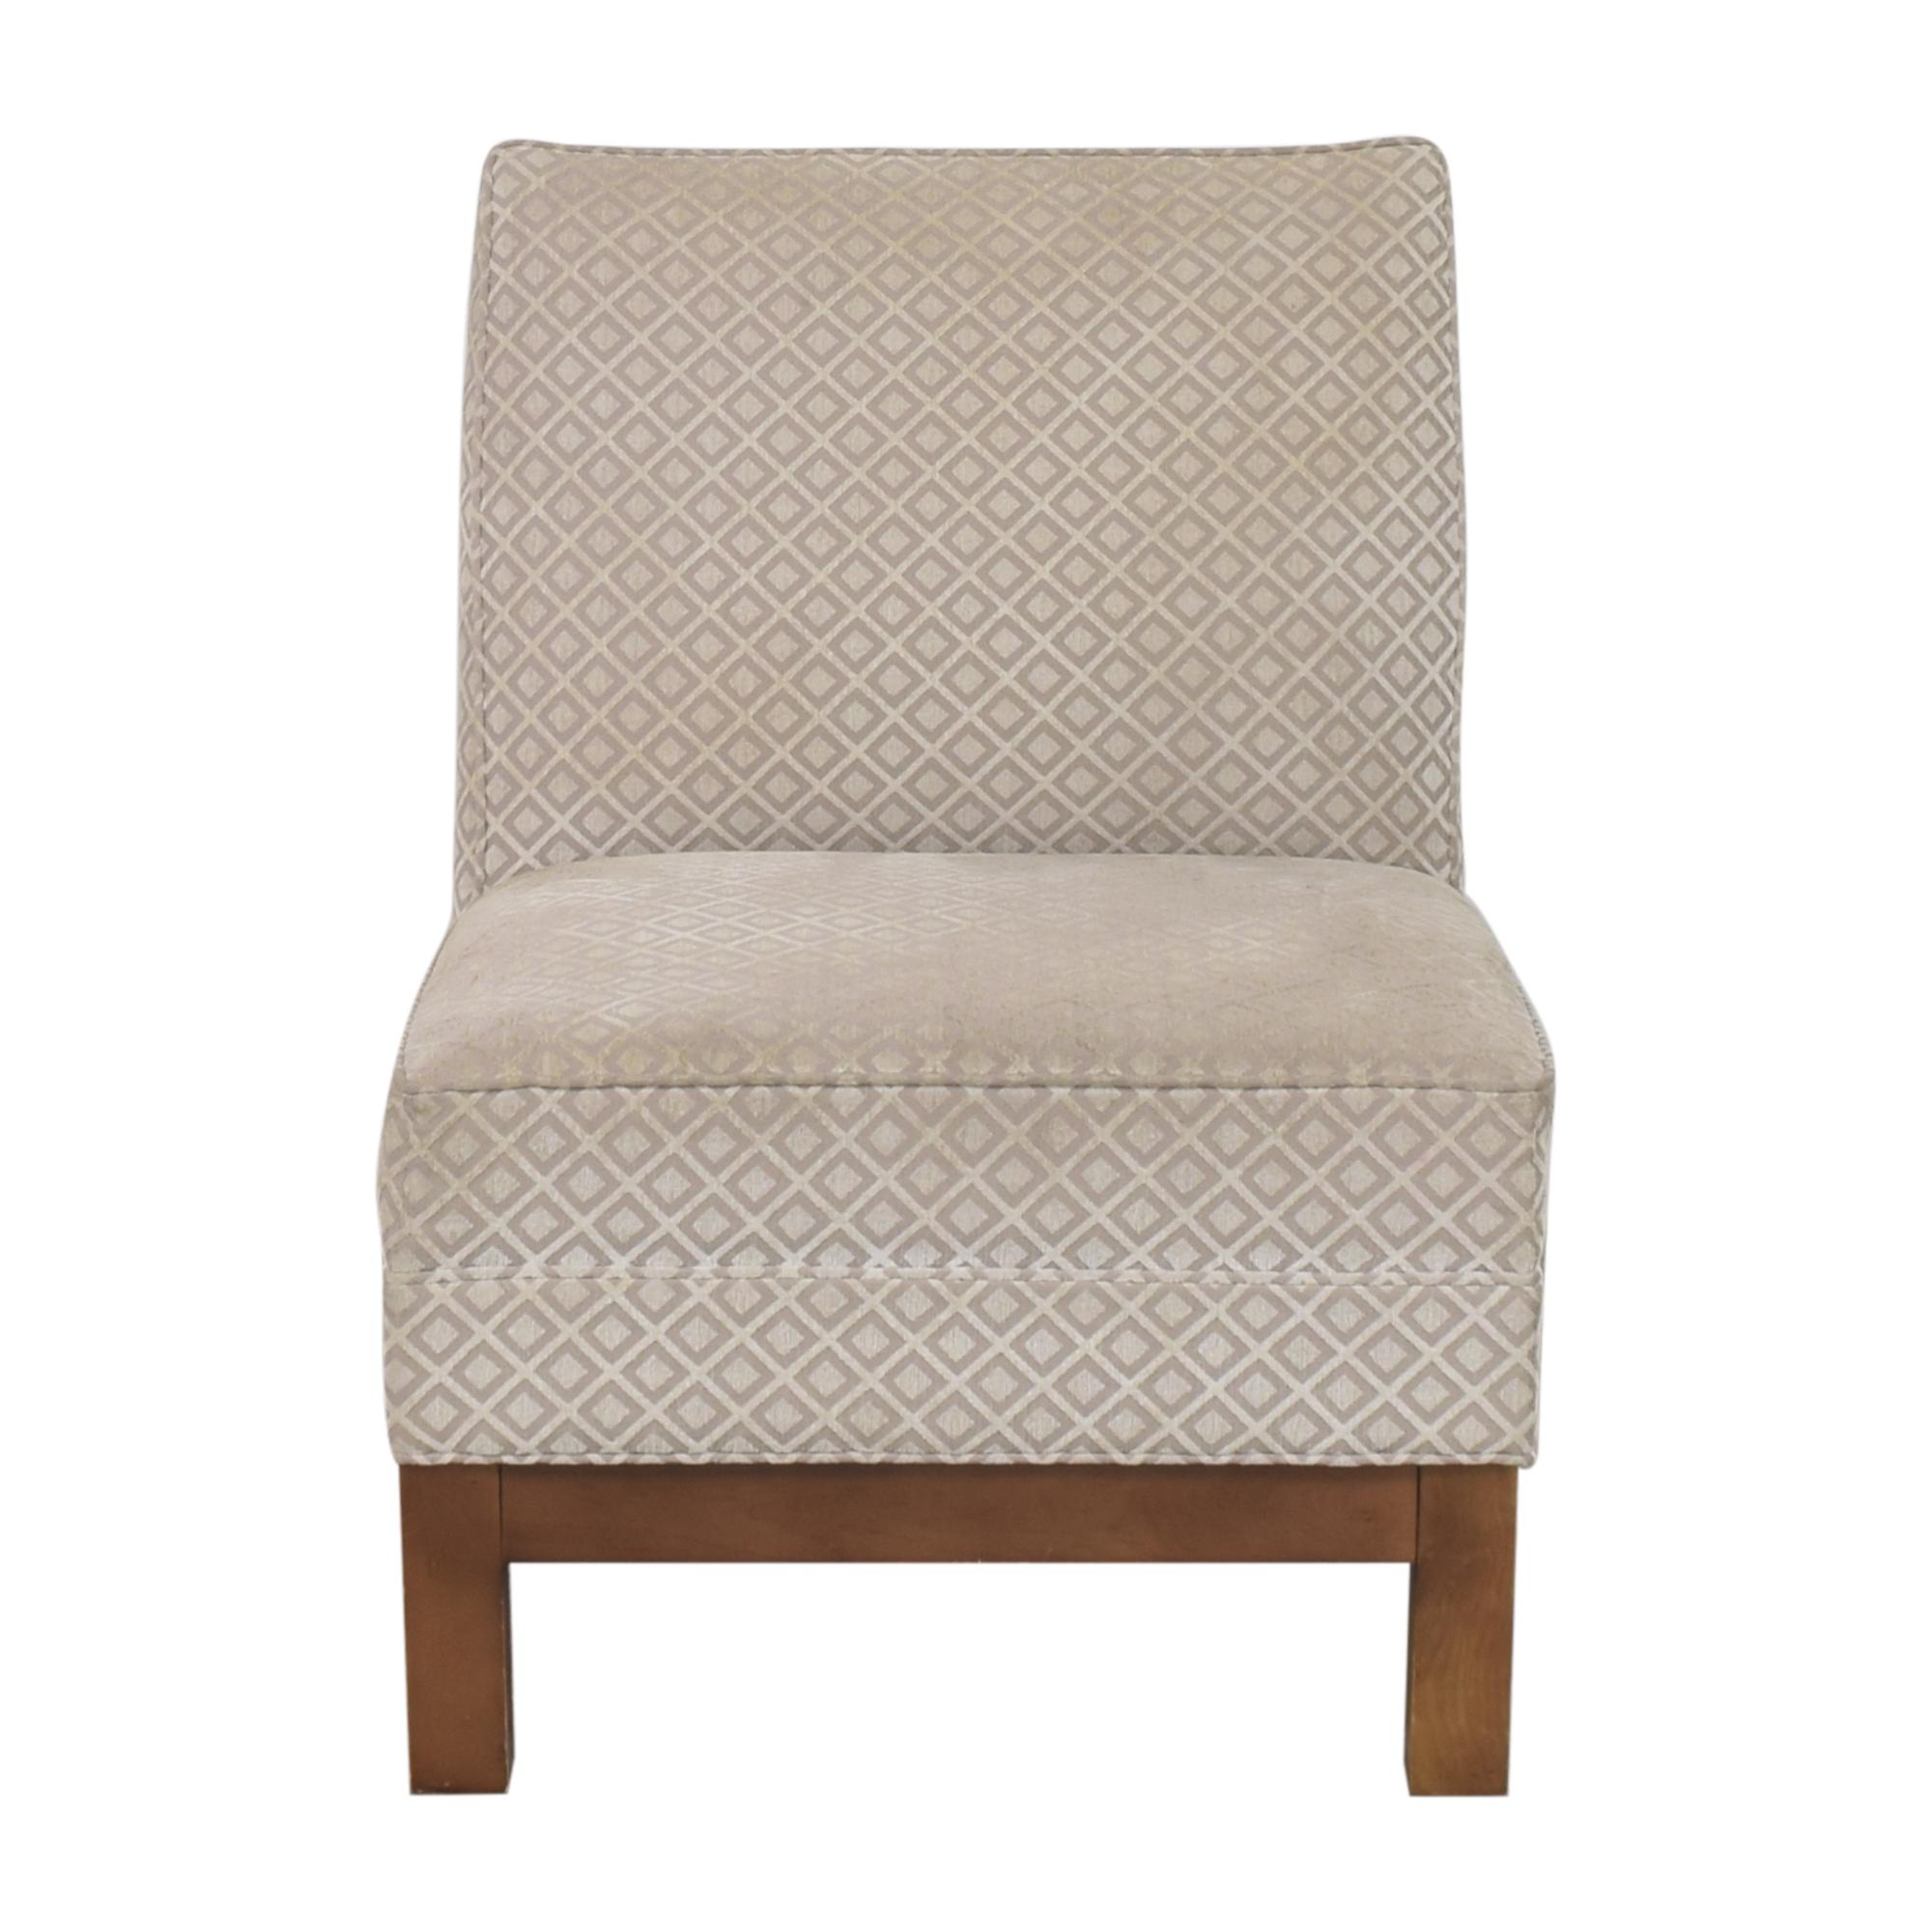 Mitchell Gold + Bob Williams Mitchell Gold + Bob Williams Slipper Chair ma